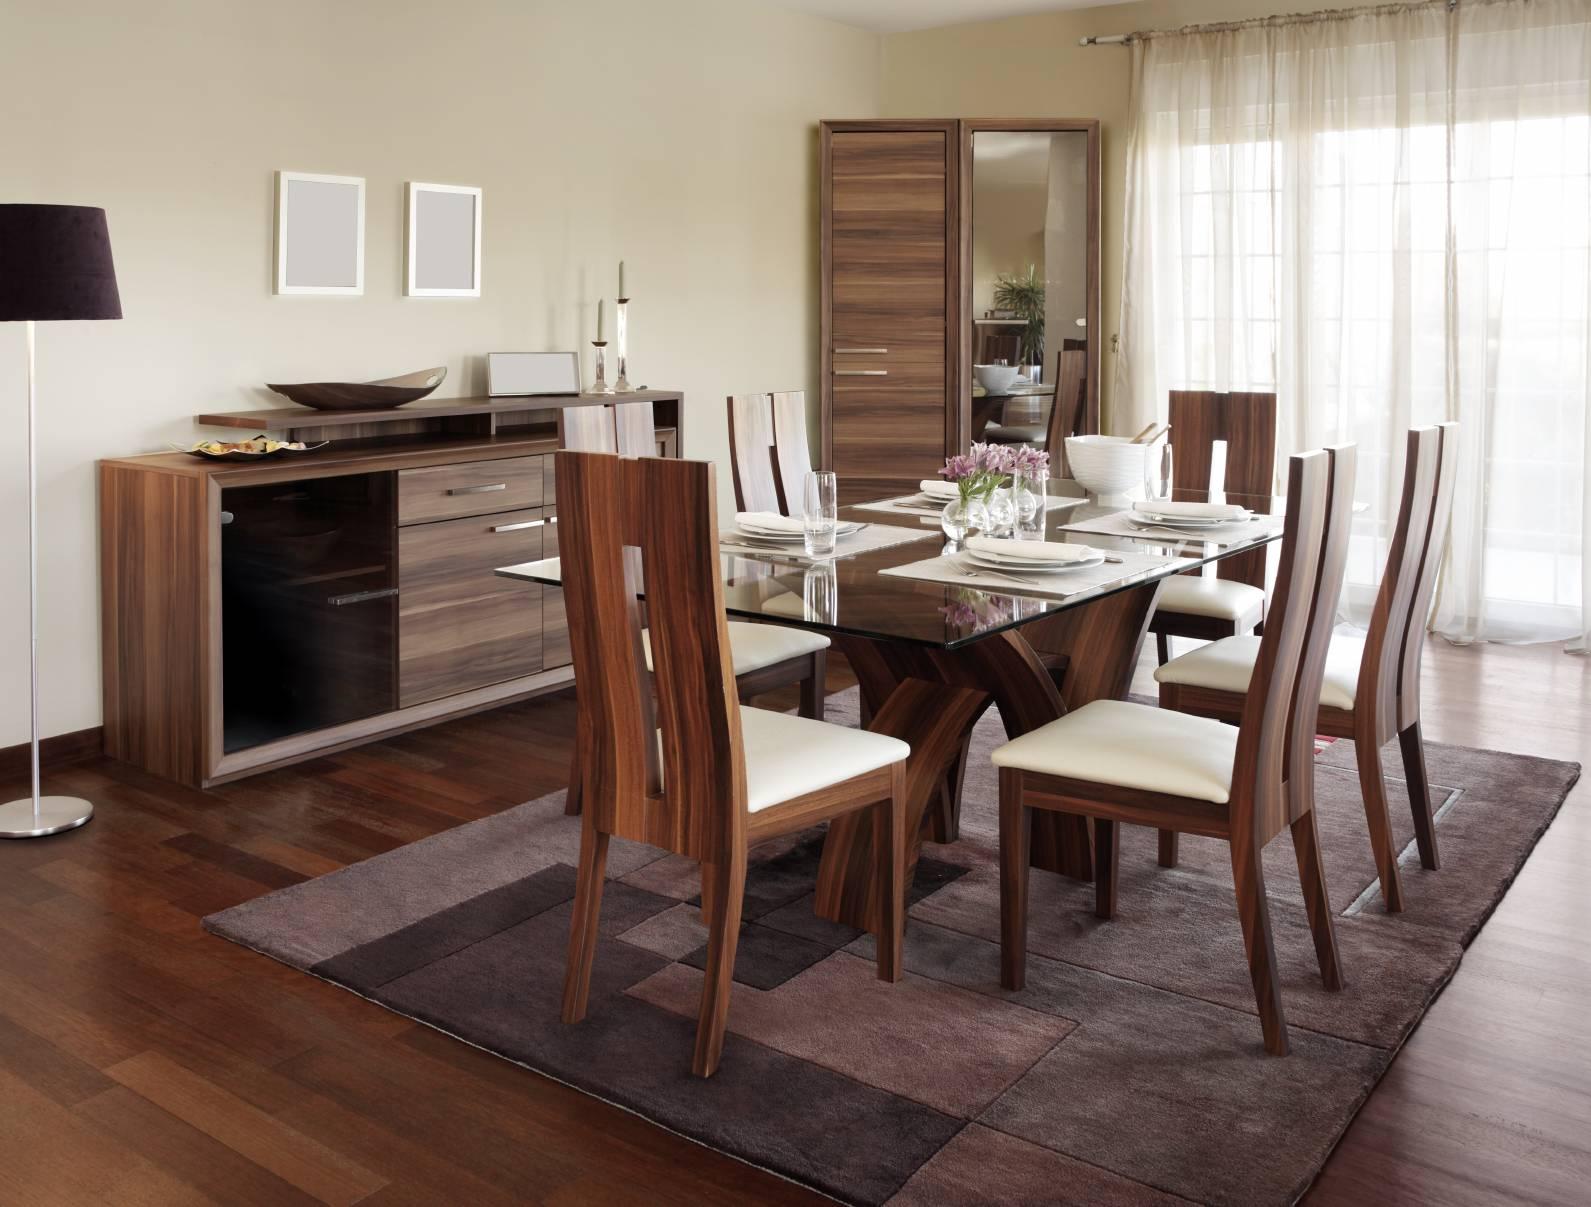 Quelles chaises choisir pour sa salle 224 manger Pratiquefr : chaises design from www.pratique.fr size 1591 x 1207 jpeg 169kB